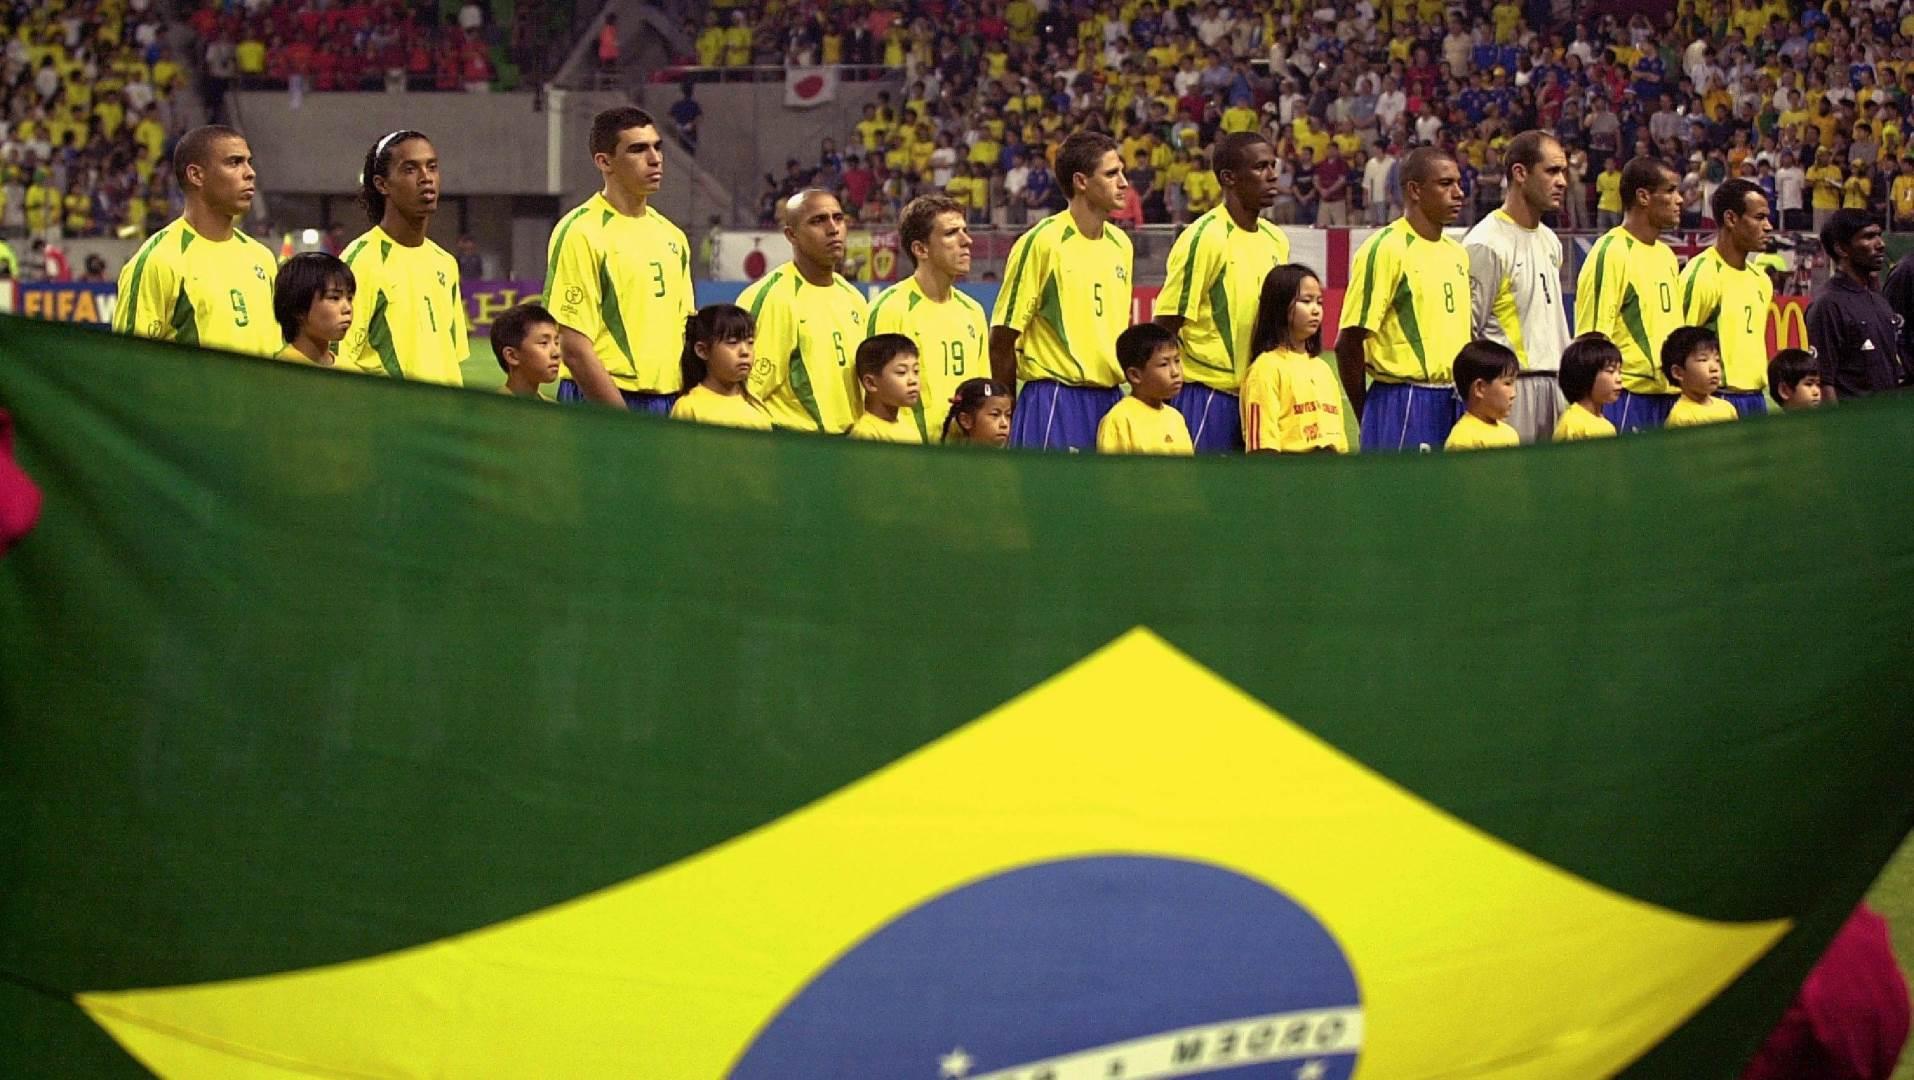 Markos - Lusio, Roke Žunior, Edmilson - Kafu, Žilberto Silva, Žuninjo Paulista, Roberto Karlos - Ronaldinjo - Rivaldo, Ronaldo.